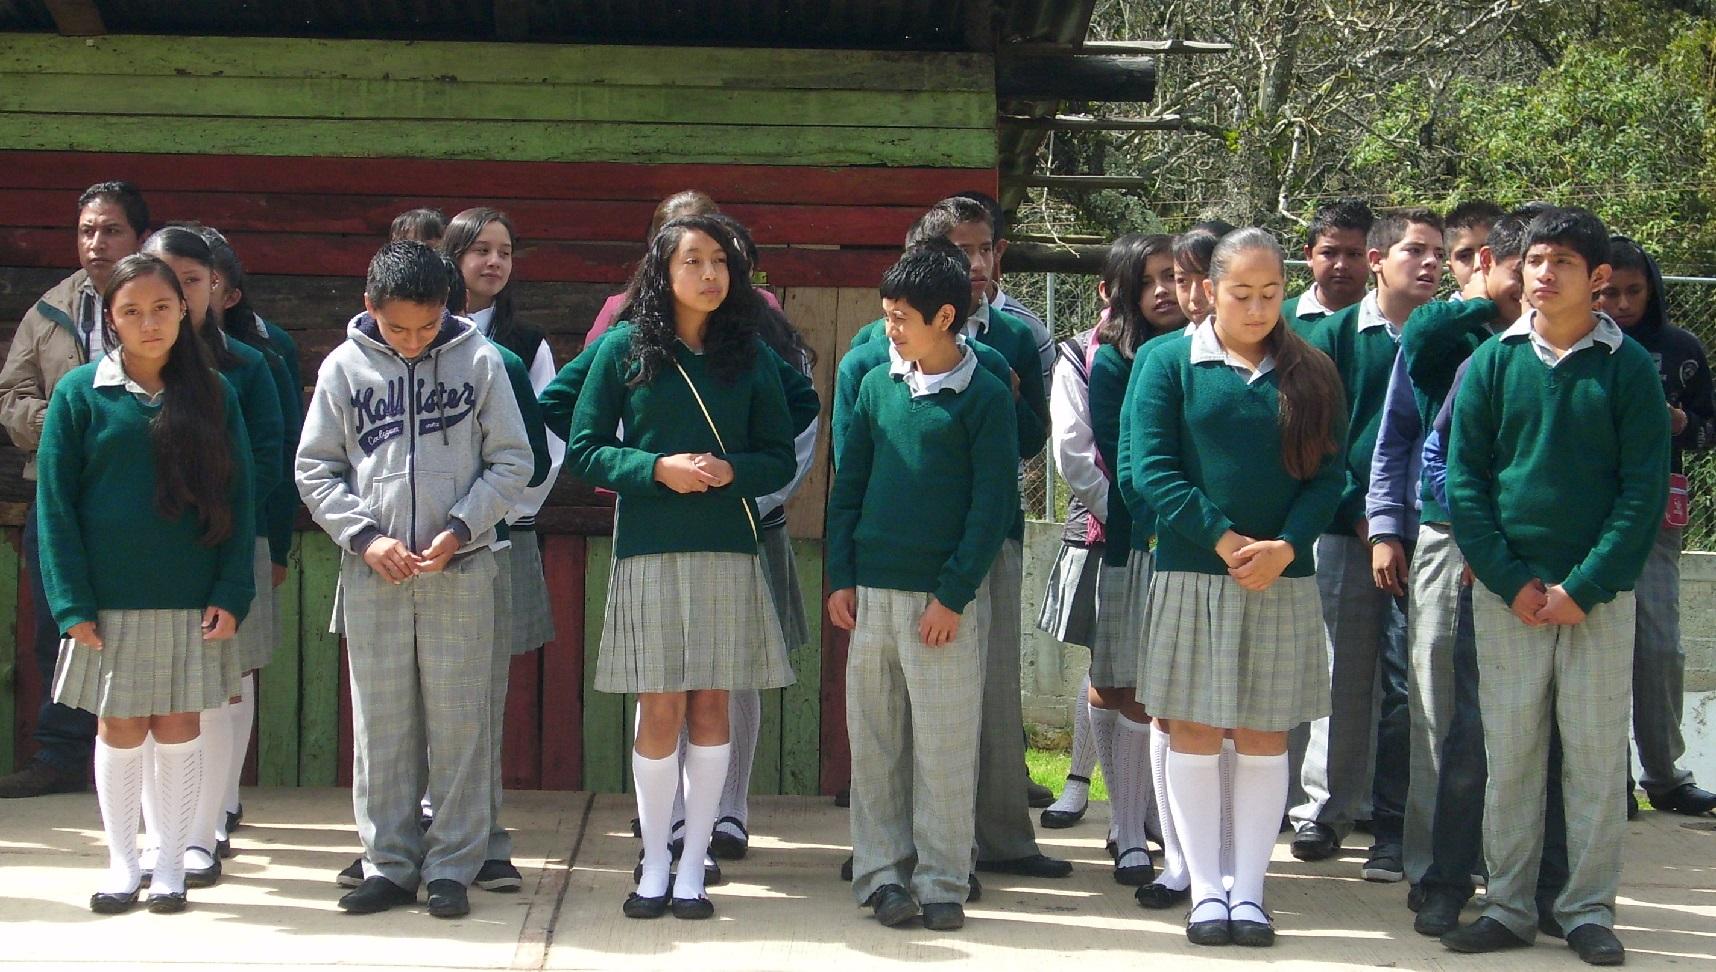 Cierran Telesecundaria de Tlaltetela por amenazas a los profesores